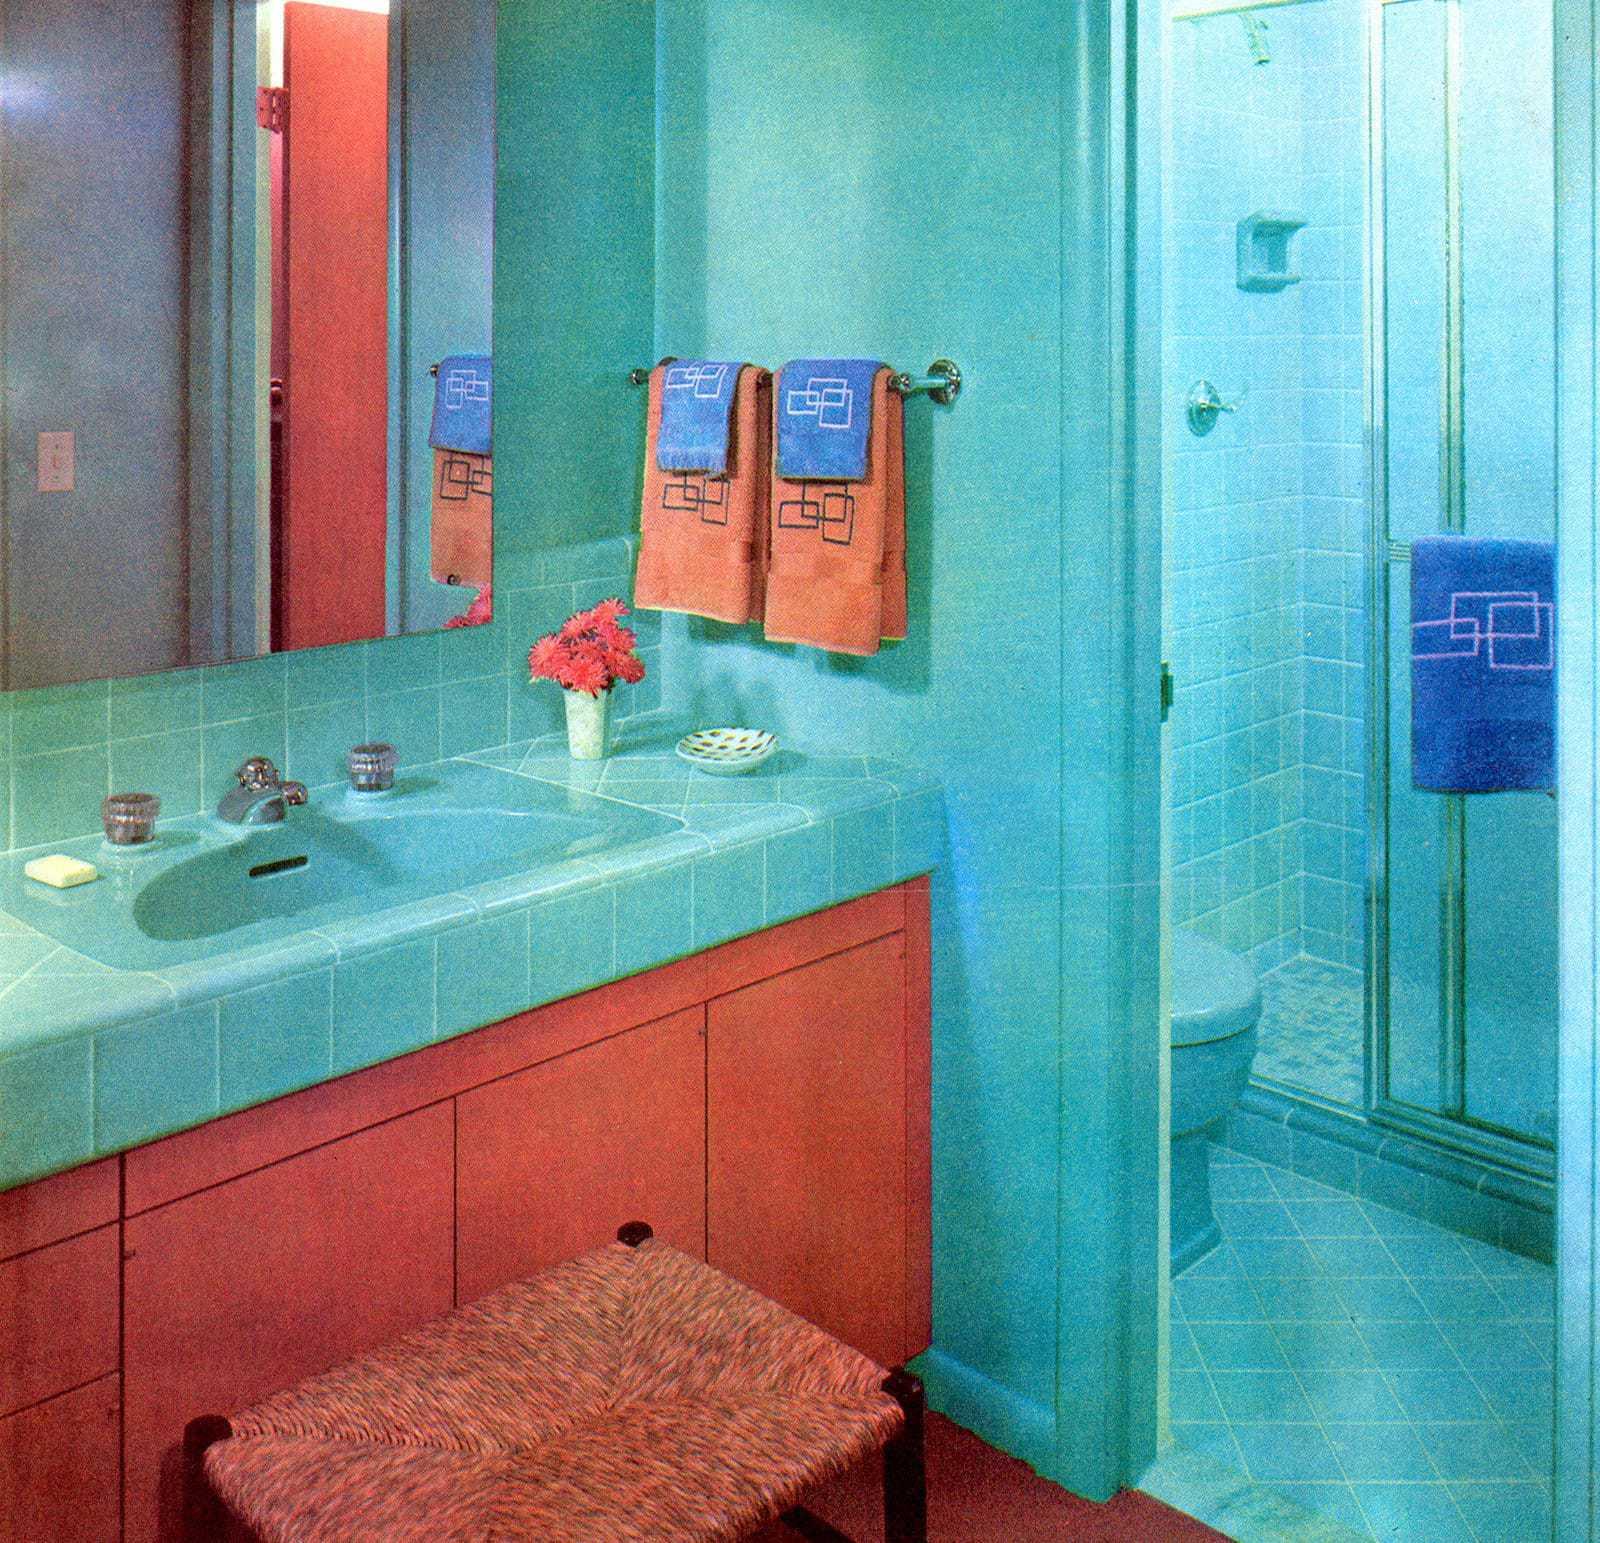 Retro bathroom decor in bright turquoise (1958)